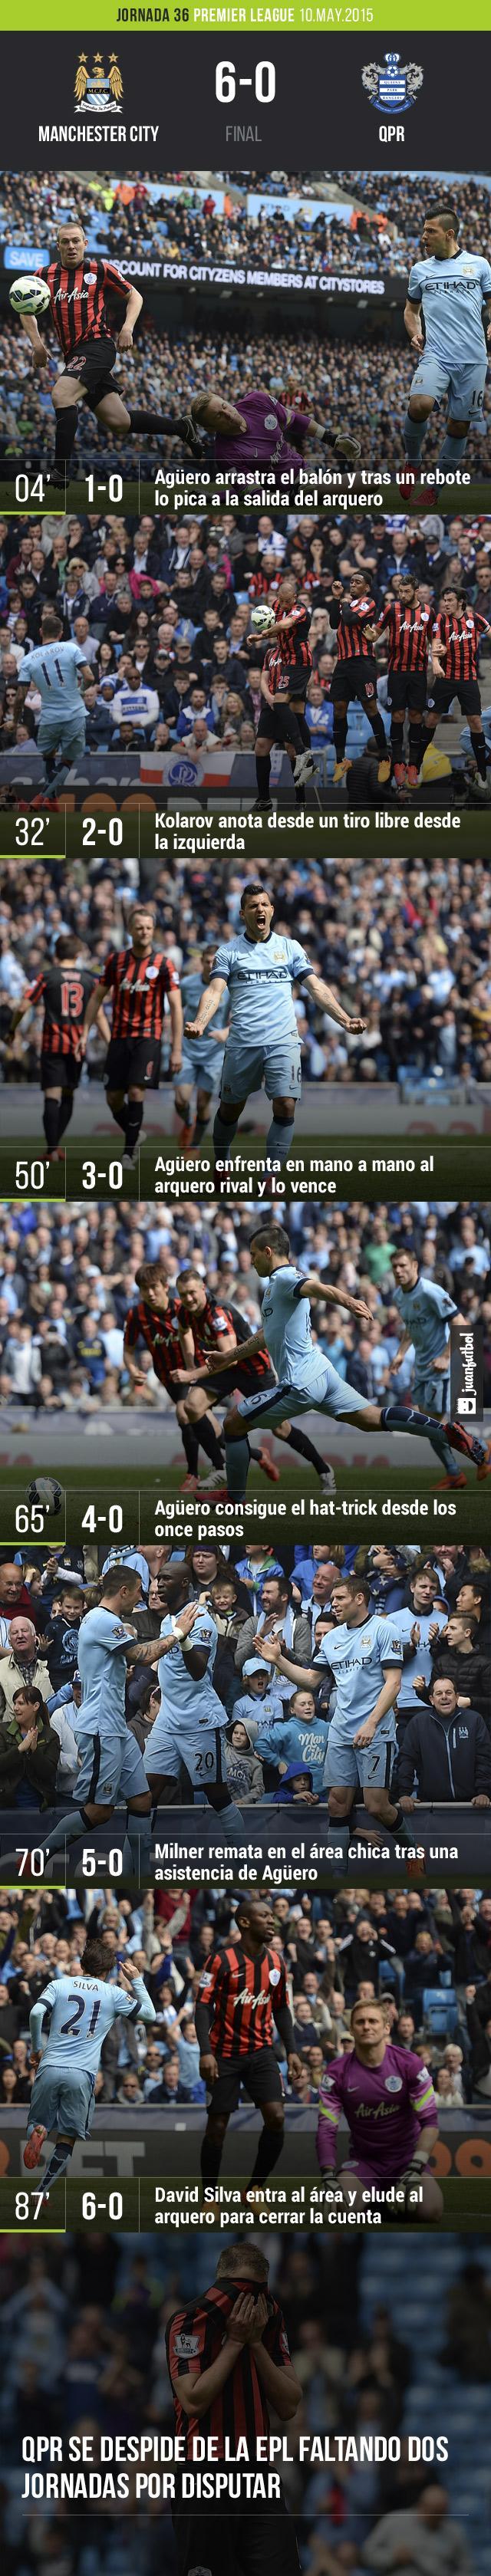 Manchester City golea al QPR en la jornada 36 de la EPL y lo condena al descenso, Agüero anota hat-trick y además da una asistencia.